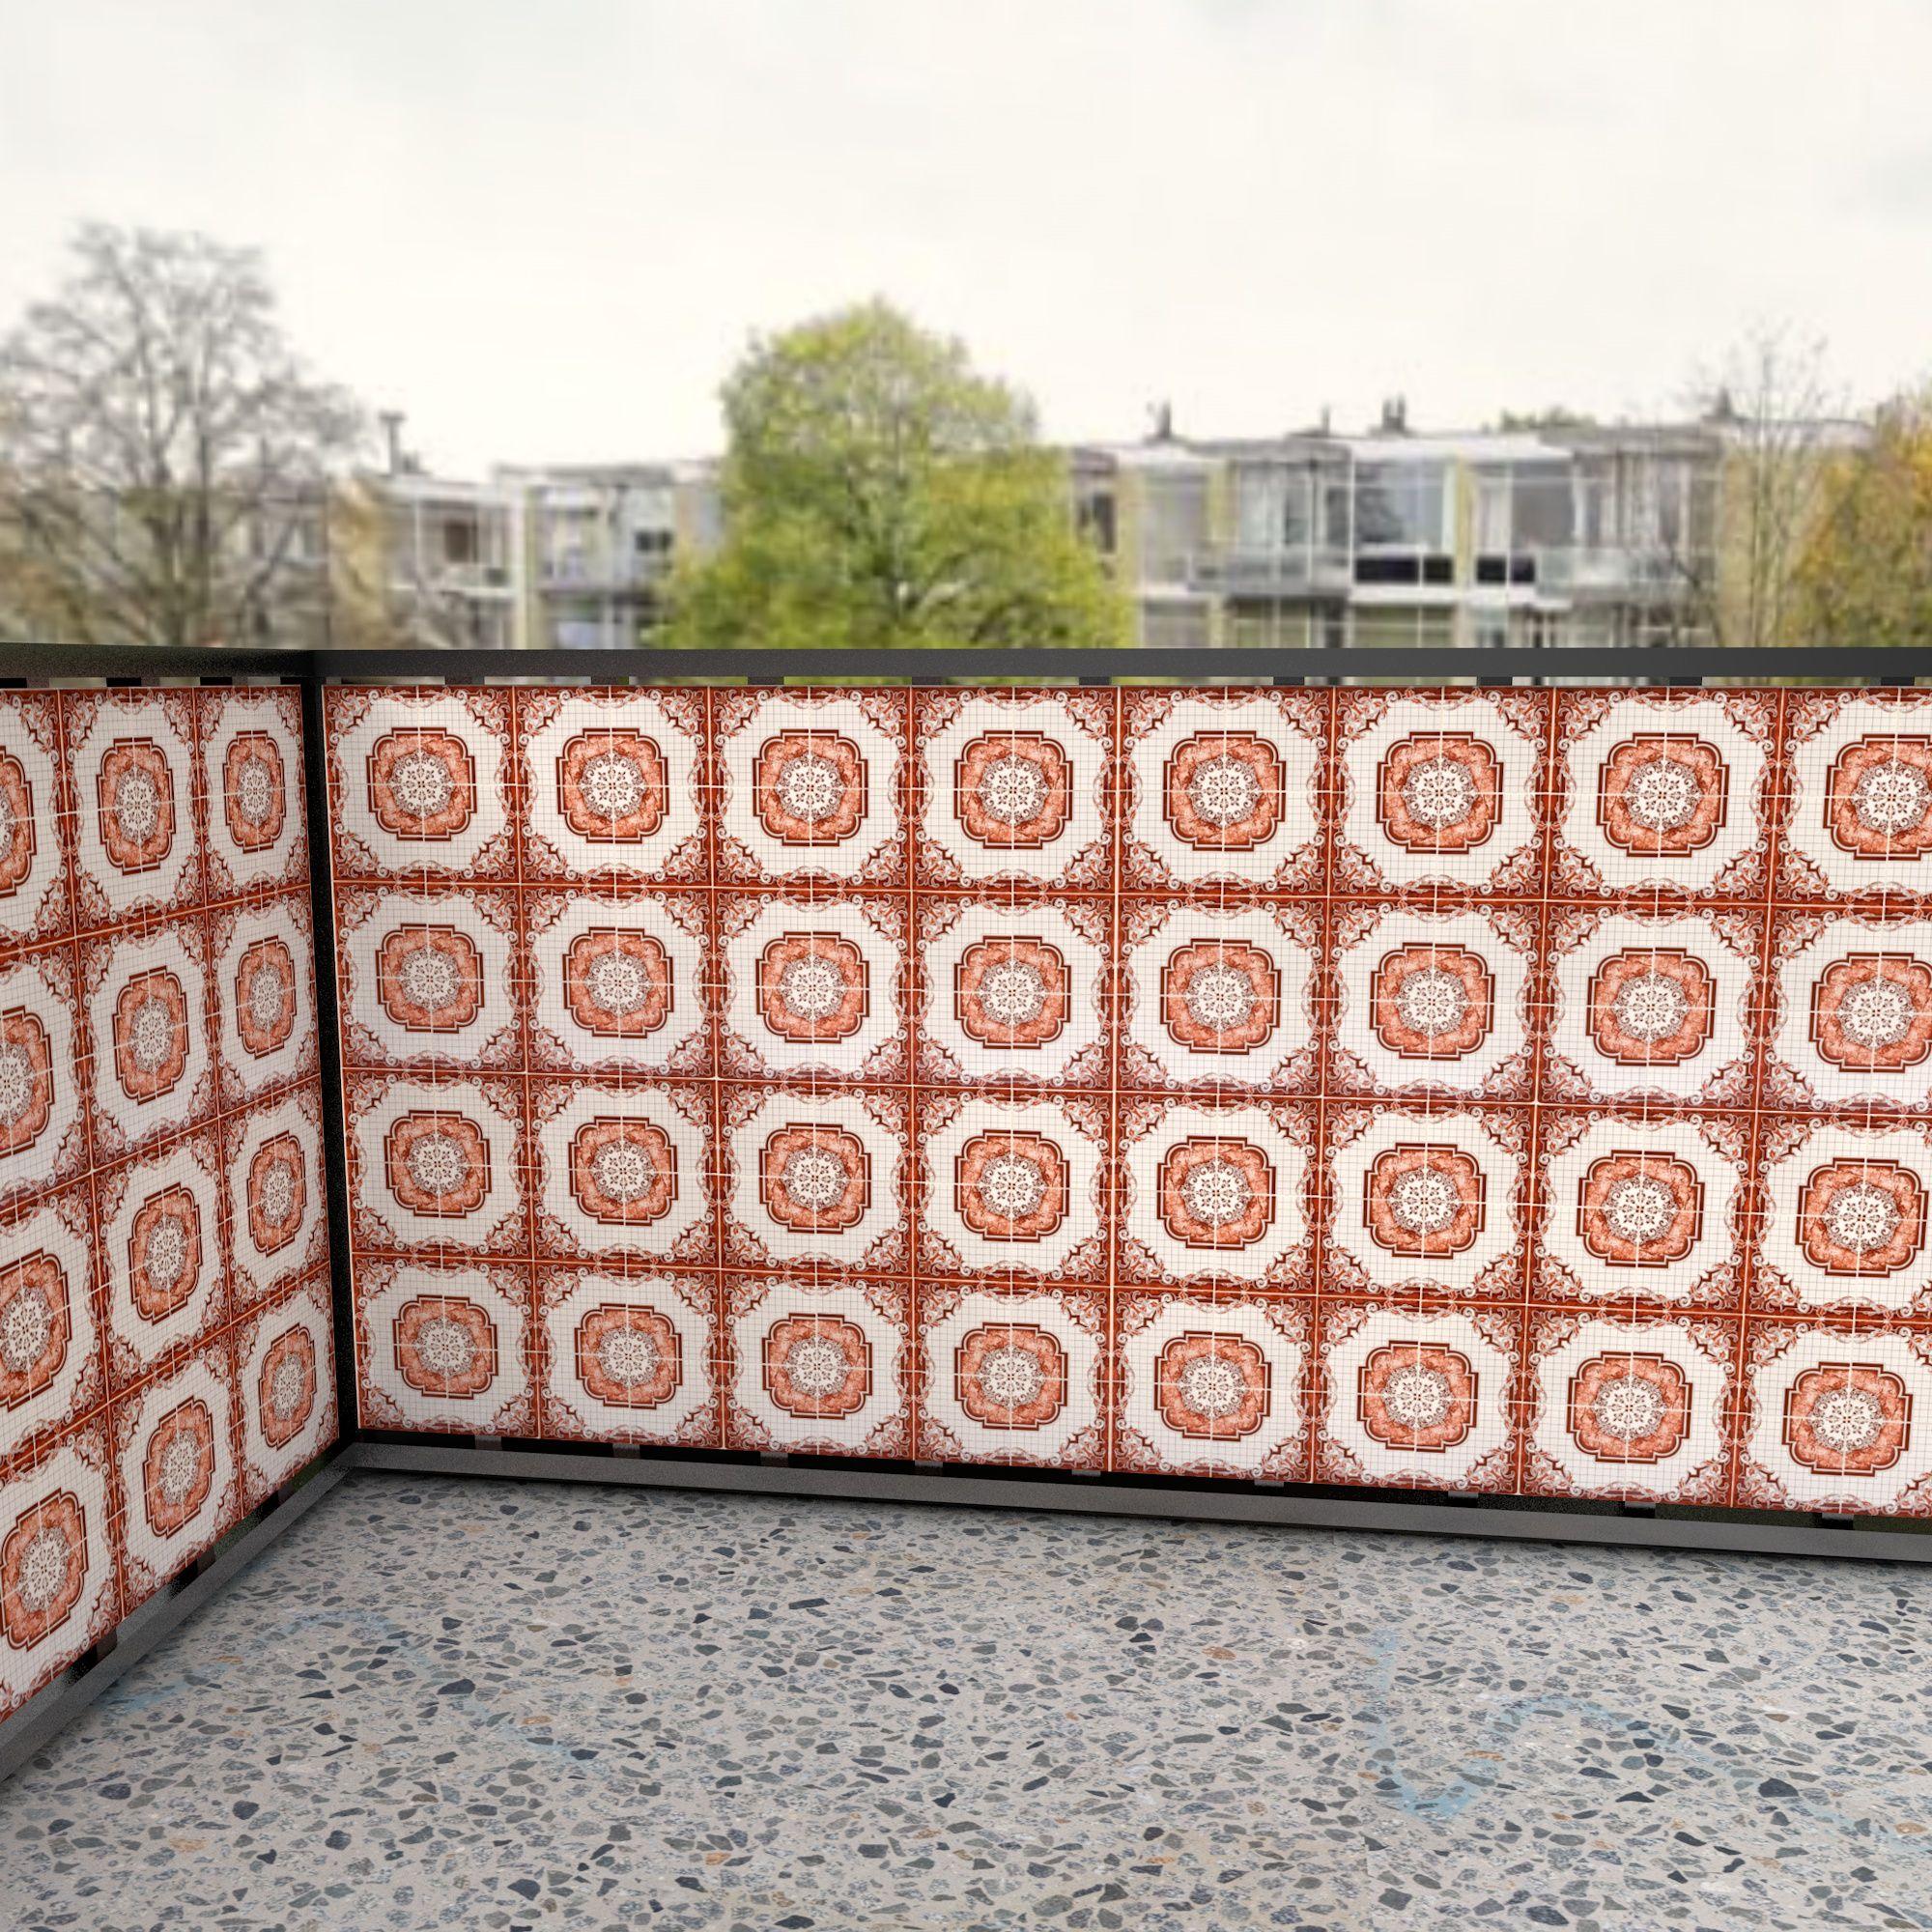 Makkelijk je balkon afschermen tegen inkijk met een balkondoek van